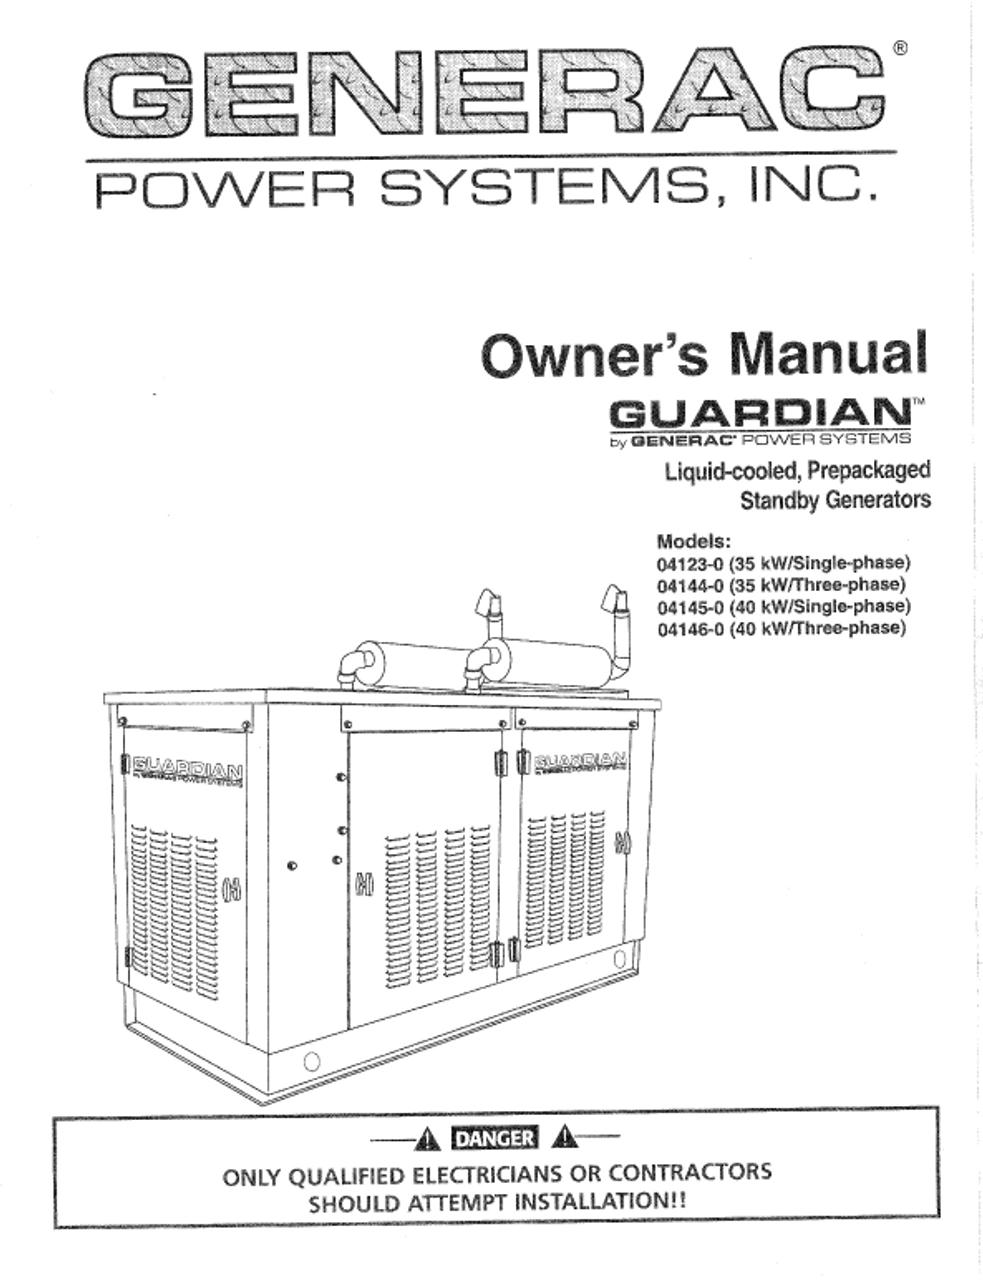 Generac generator owners manual